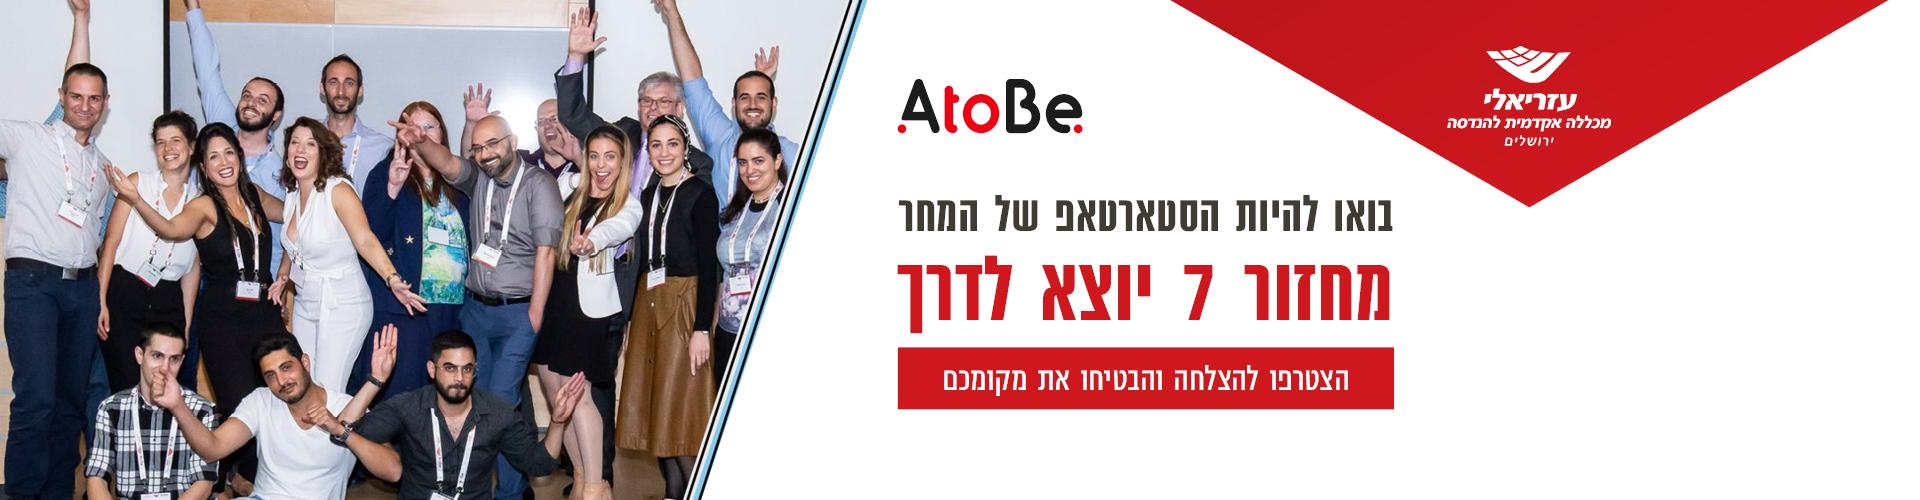 מחזור 7 של AtoBe יוצא לדרך